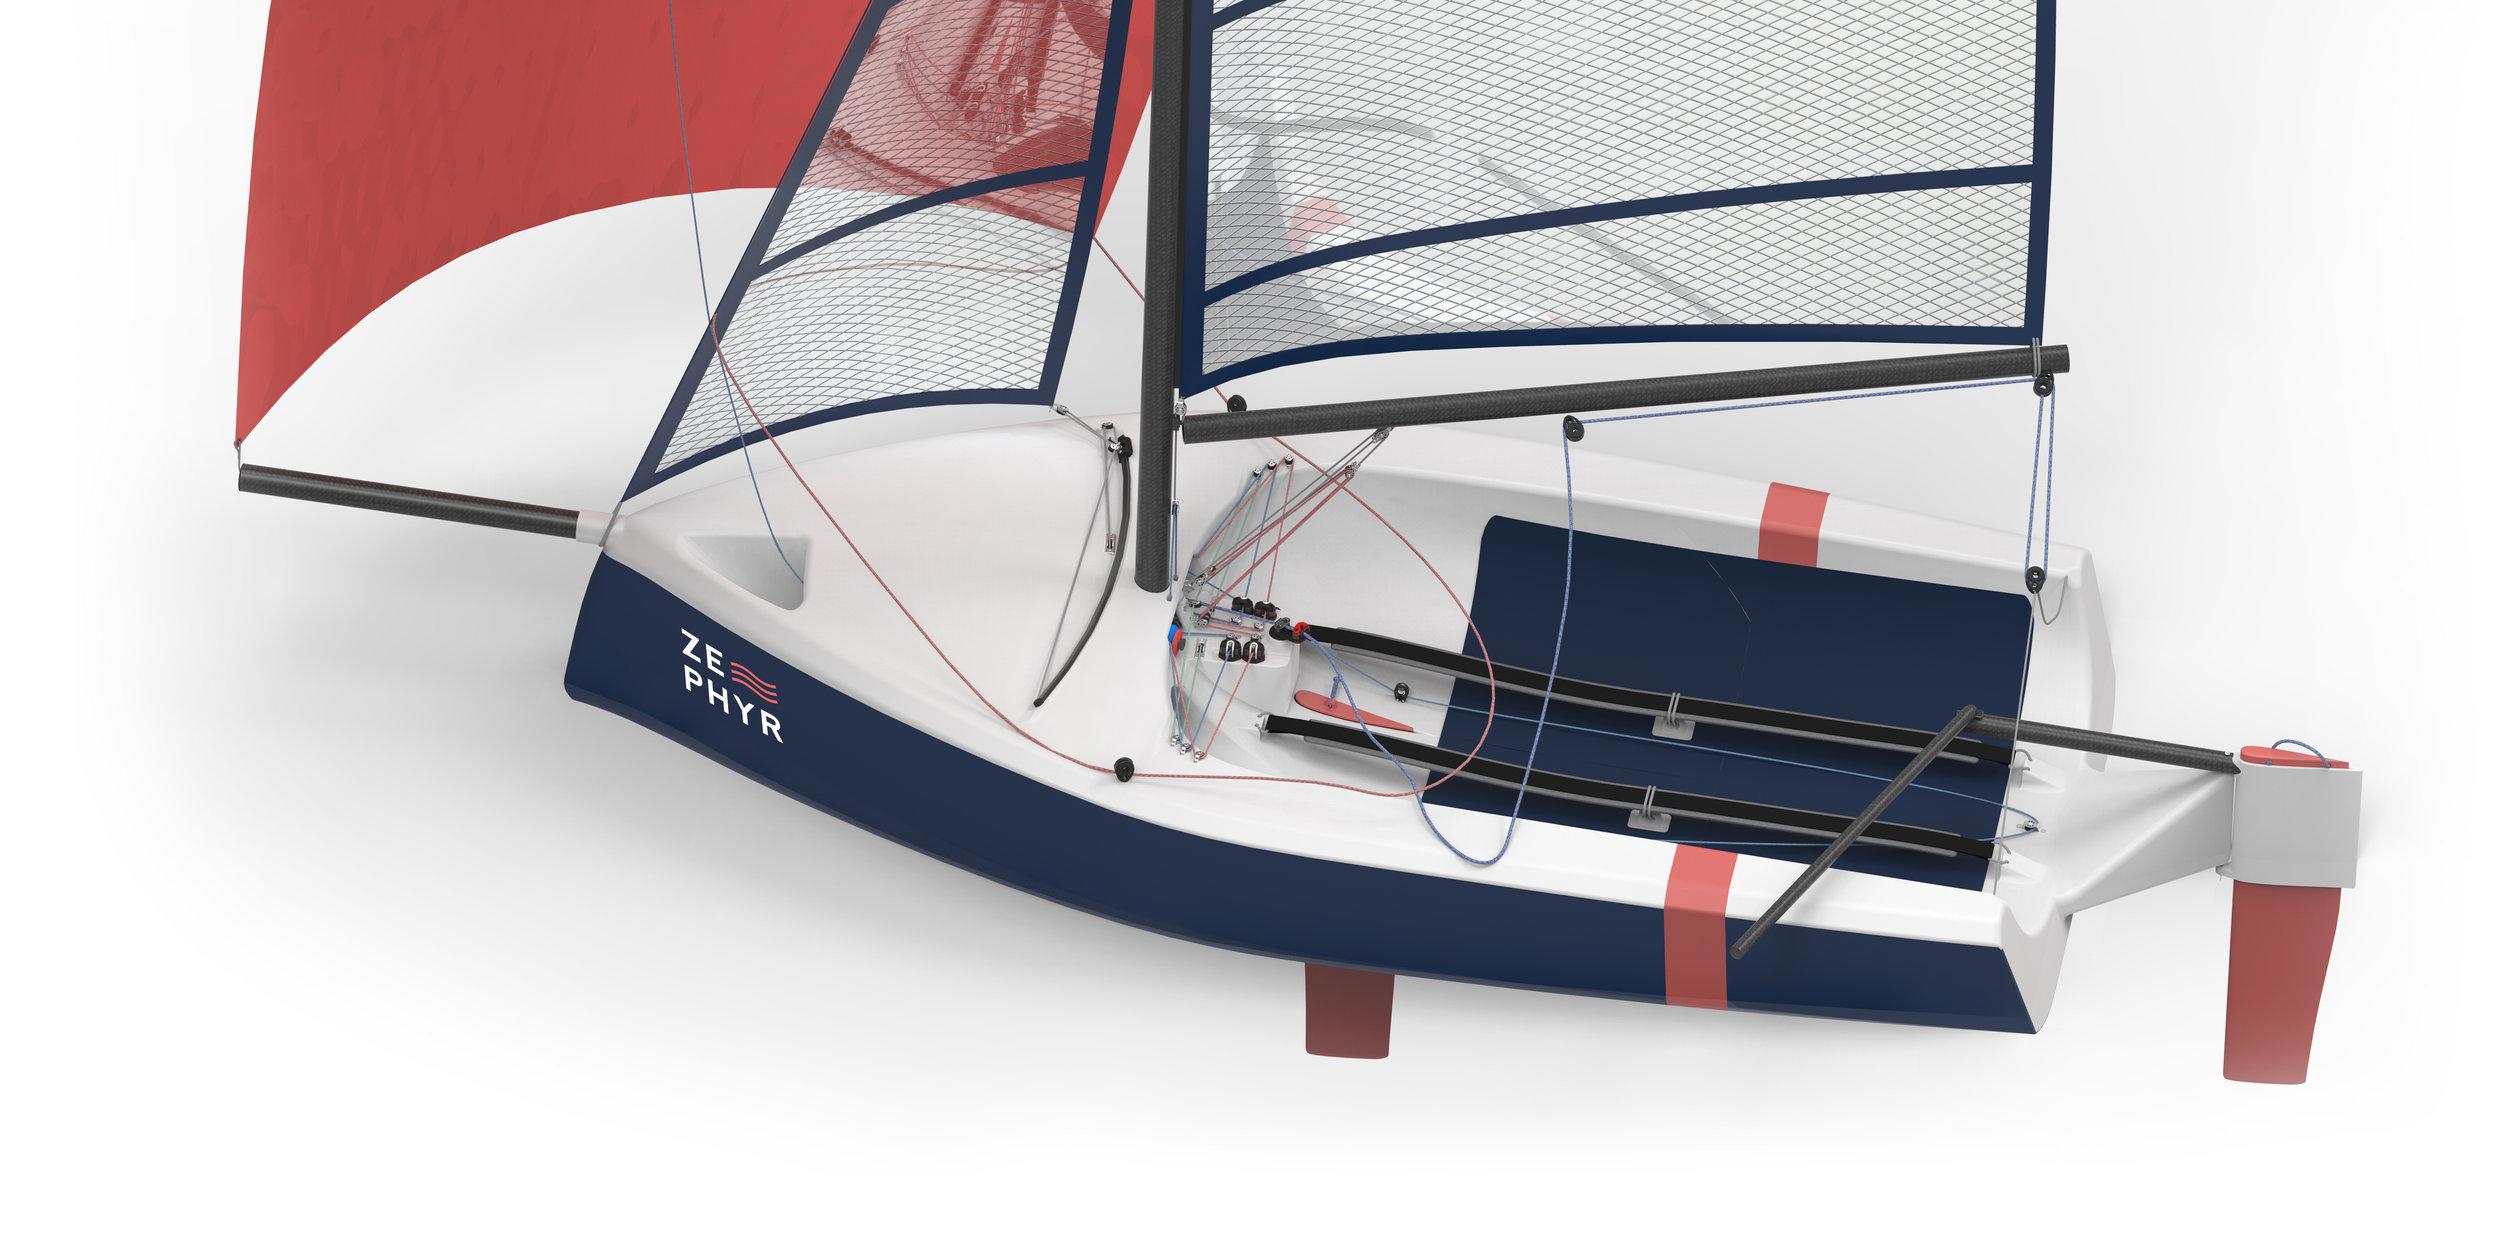 boat Renders 21-5-18.4273.jpg